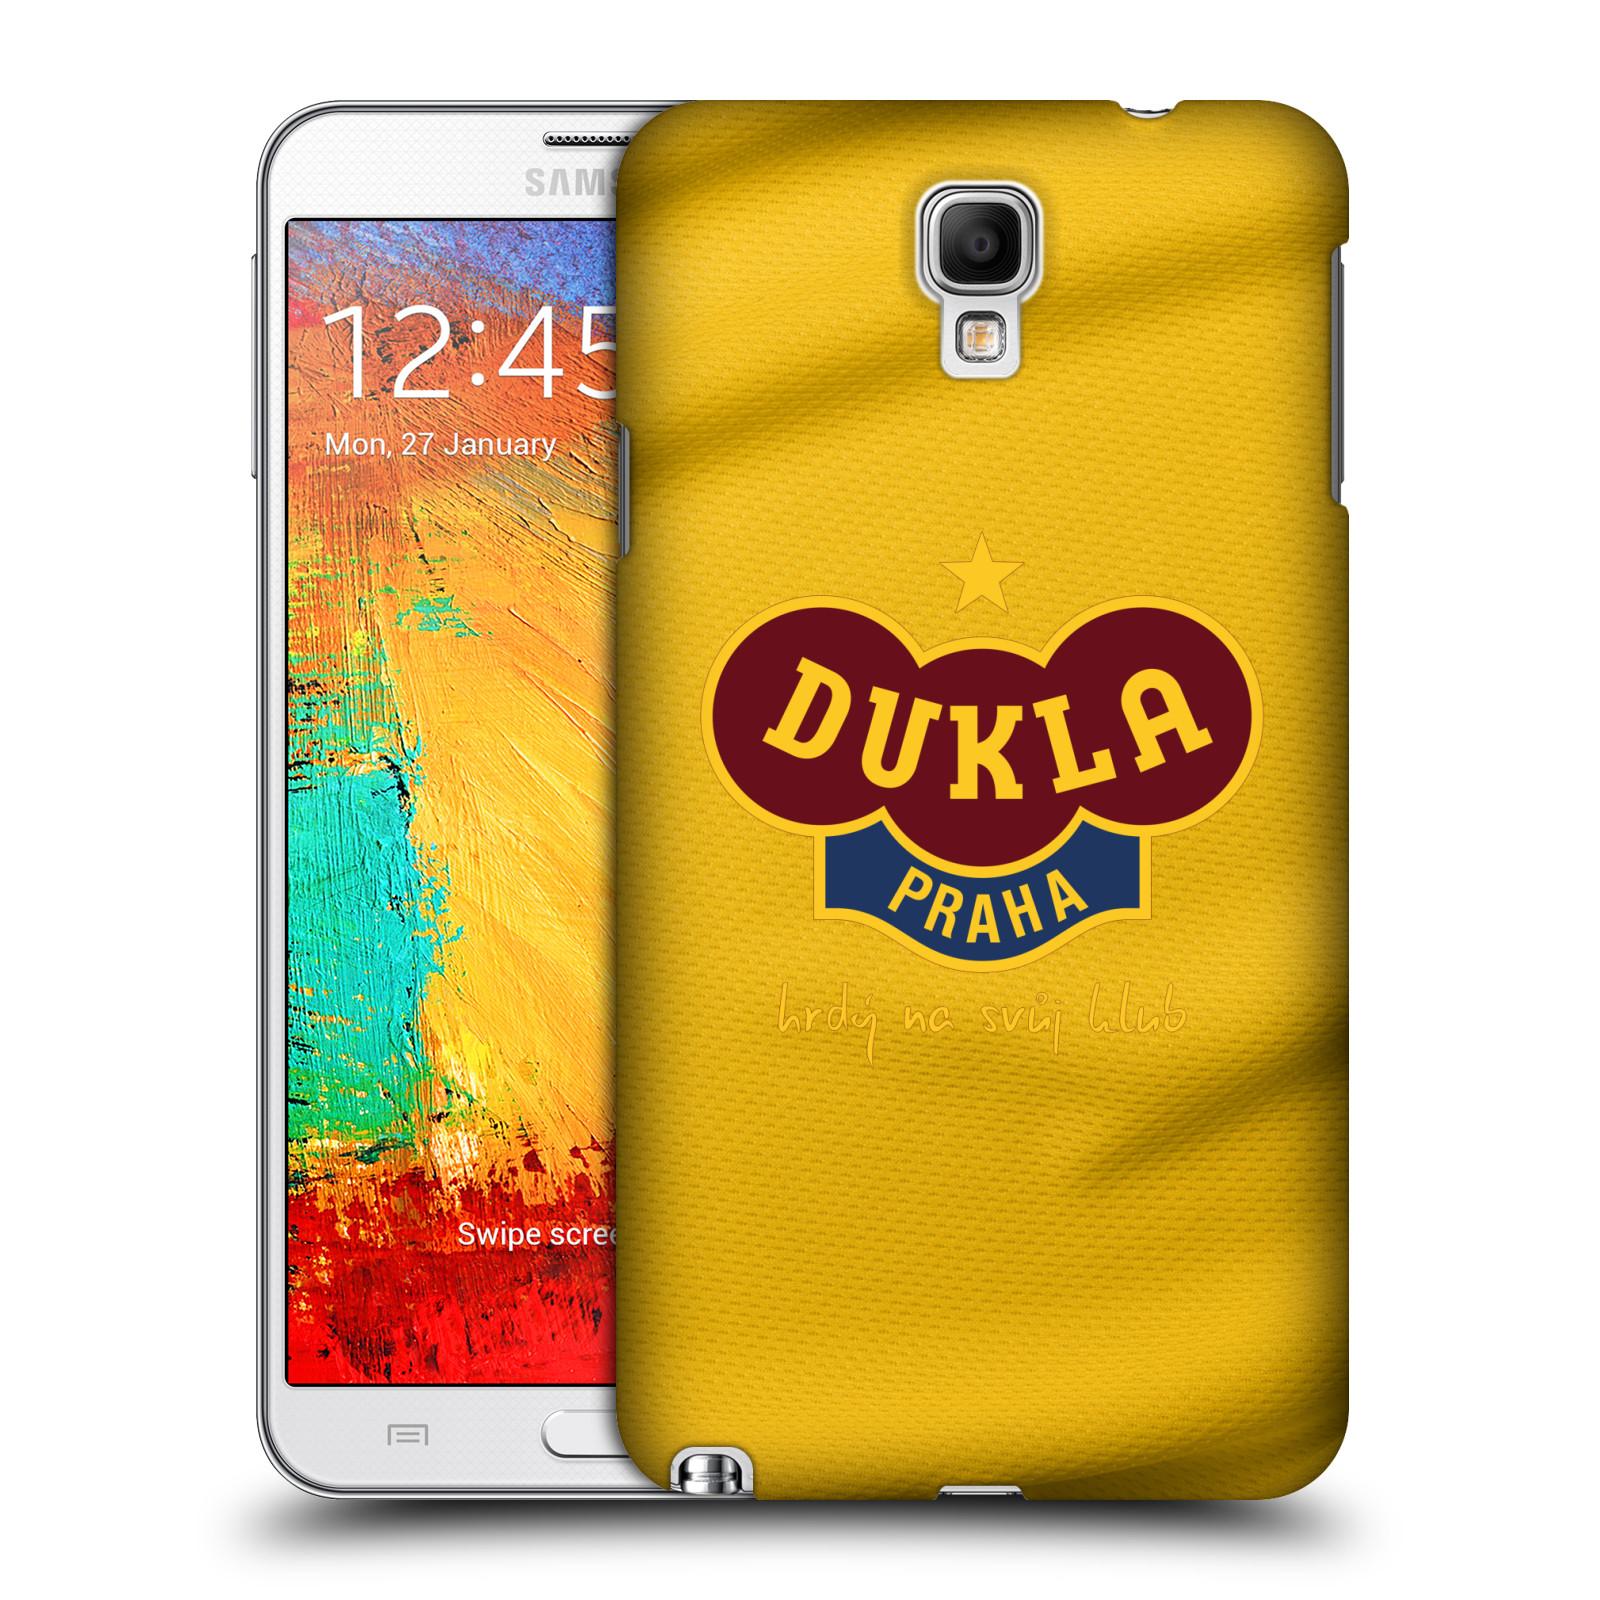 Plastové pouzdro na mobil Samsung Galaxy Note 3 Neo - FK Dukla Praha - Žlutý dres